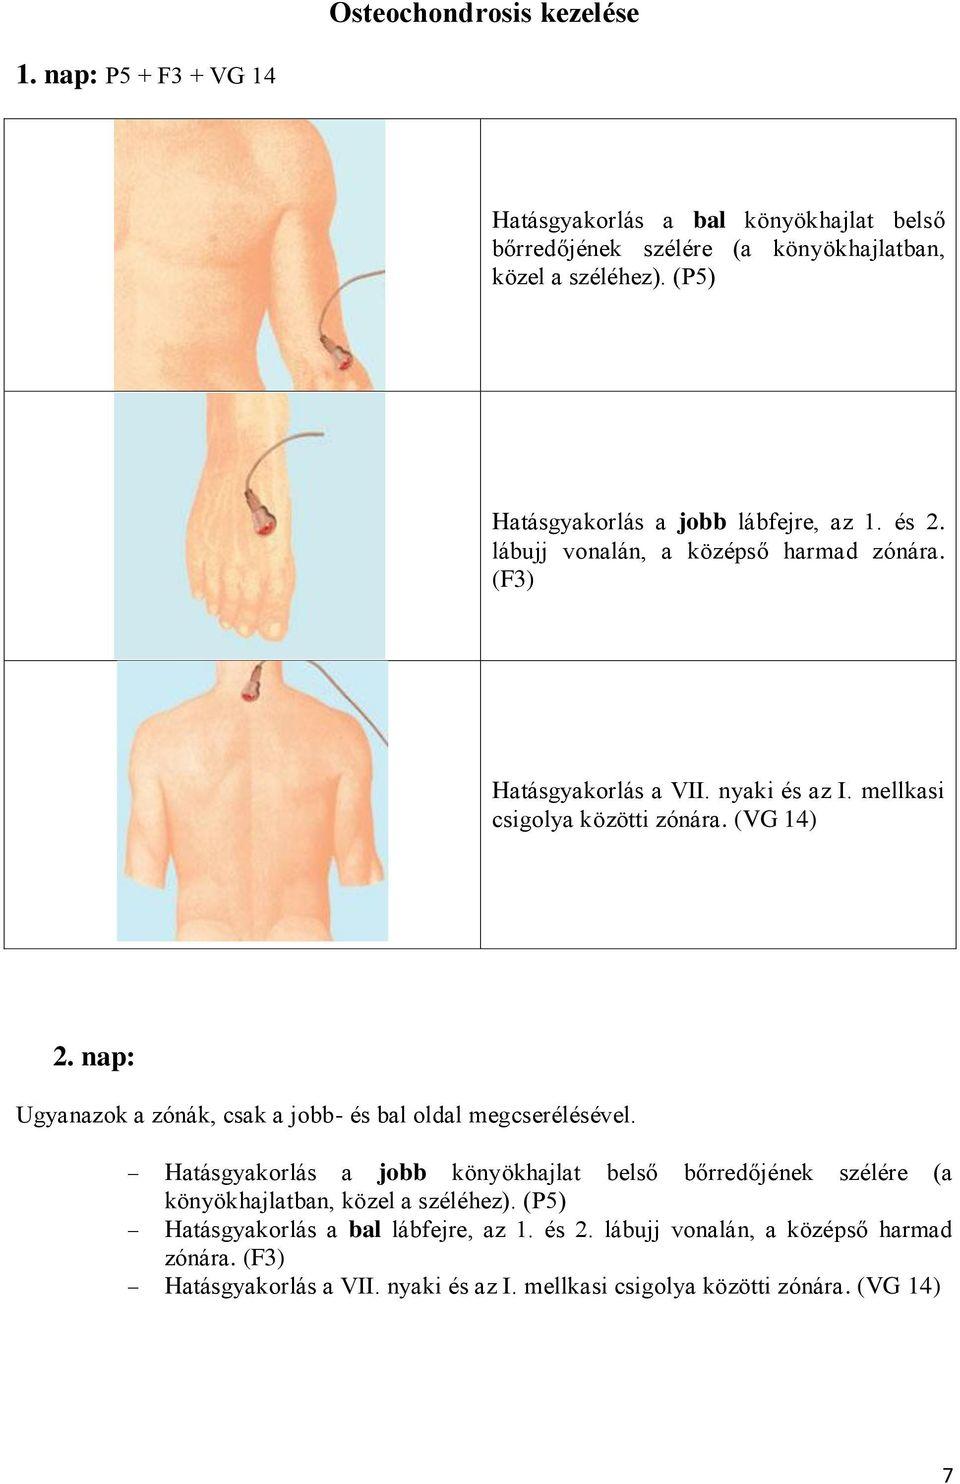 ízületi fájdalom a kézben és nyaki osteochondrosis)